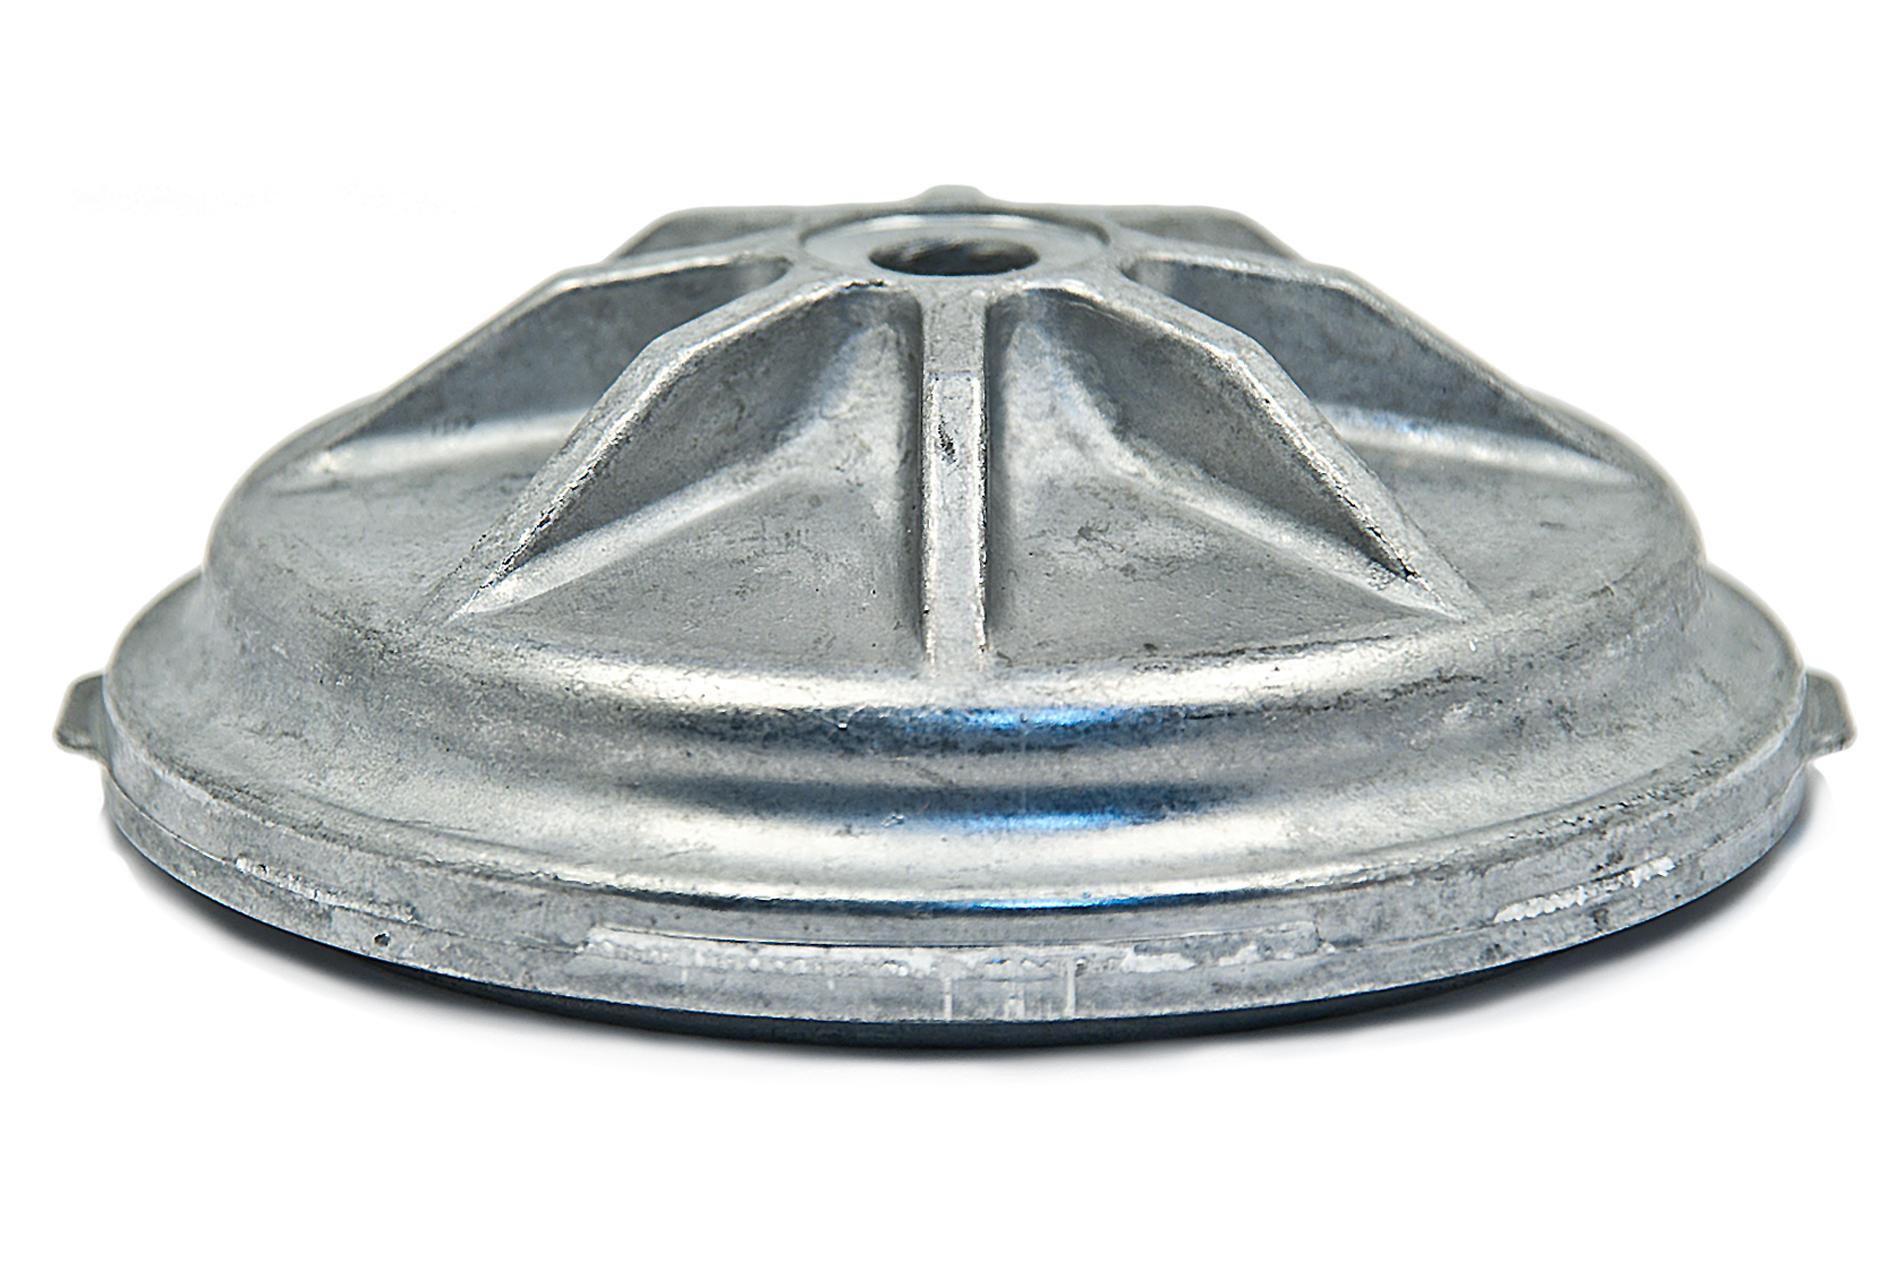 Bmw Genuine Oil Filter Cover E36 E46 E85 E86 3 Series Z3 Z4 1995 318i Engine Diagram 11421711075